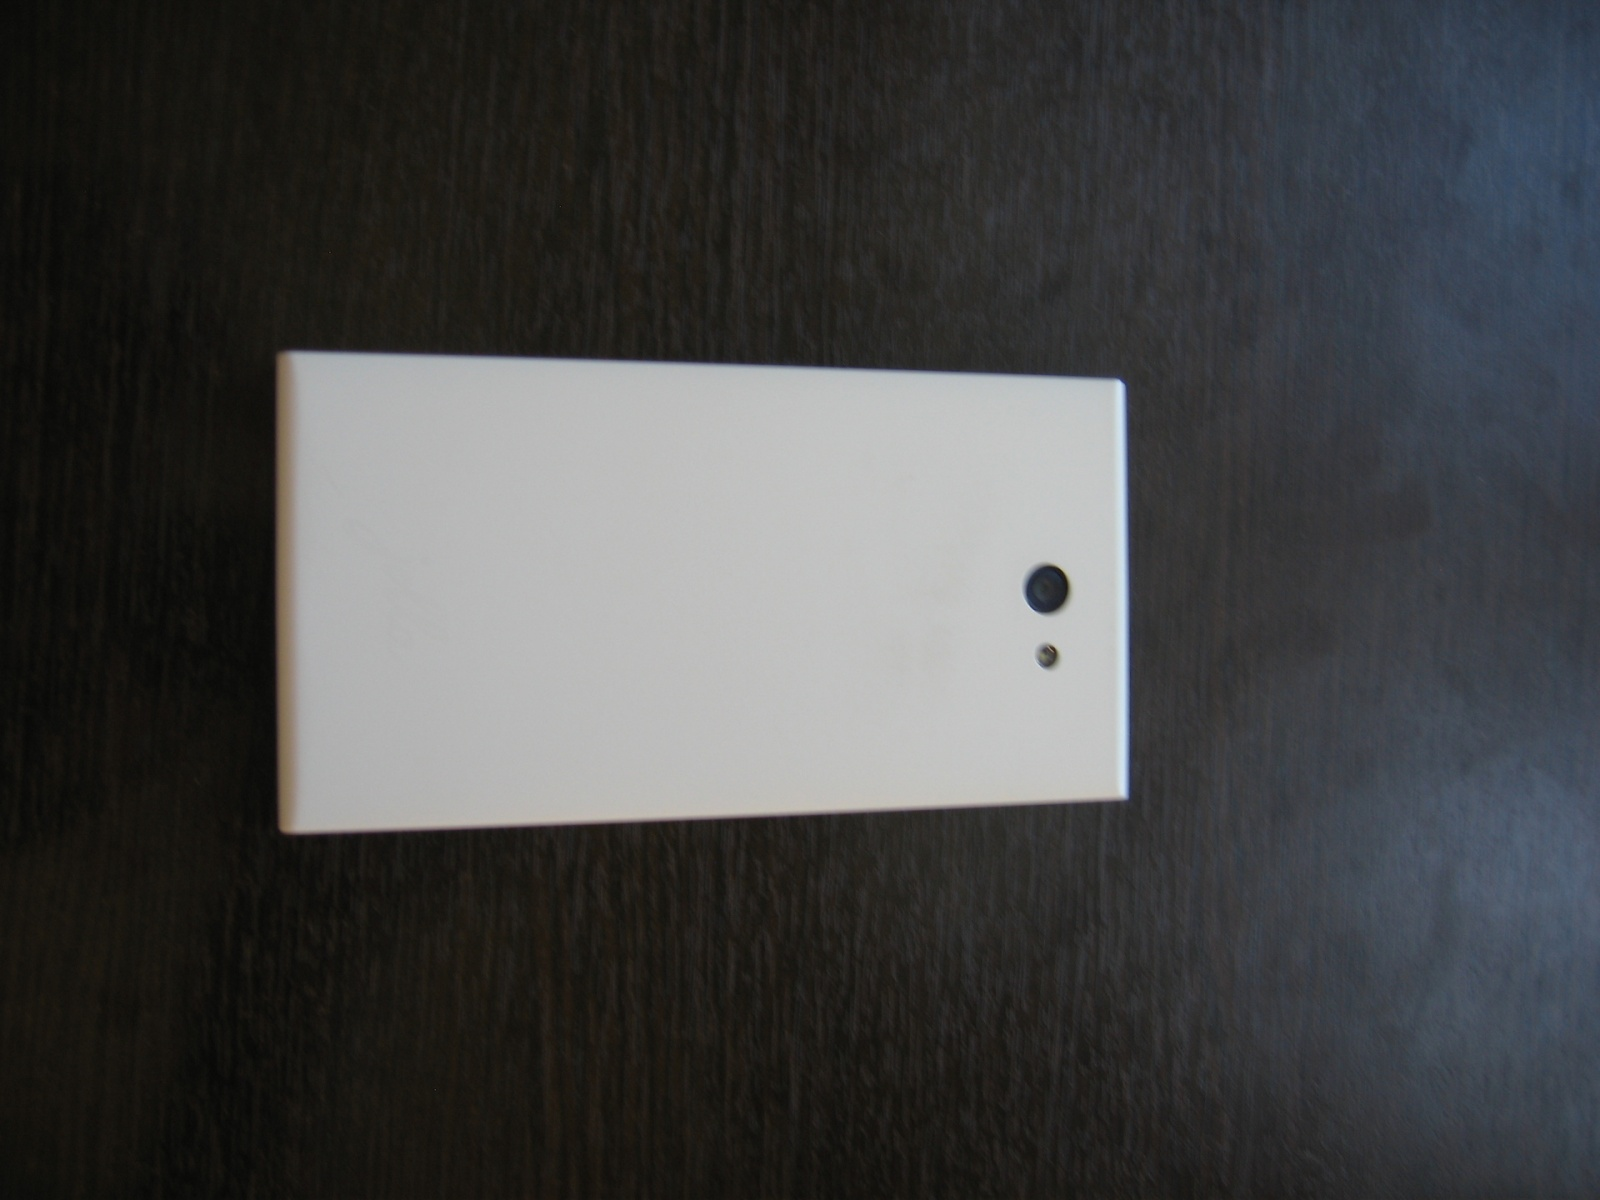 Очередной обзор Sailfish OS или муки выбора подходящей мобильной ОС - 23